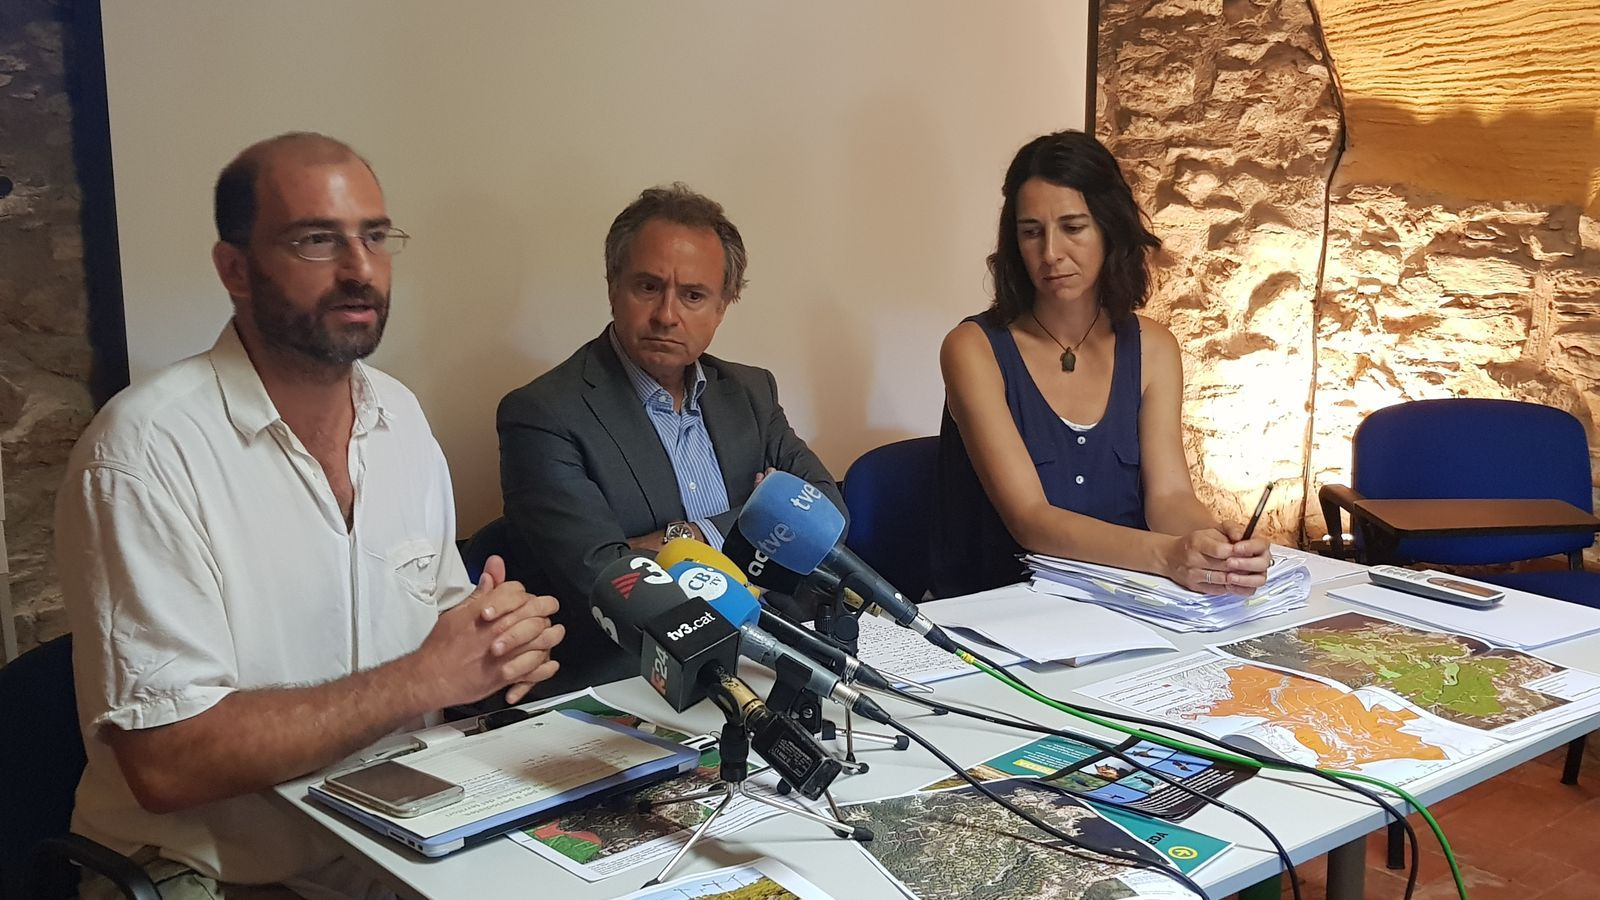 D'esquerra a dreta: Sergi Nuss, Eduard de Ribot i Lydia Chaparro, membres de la Plataforma Salvem la Cala d'Aiguafreda